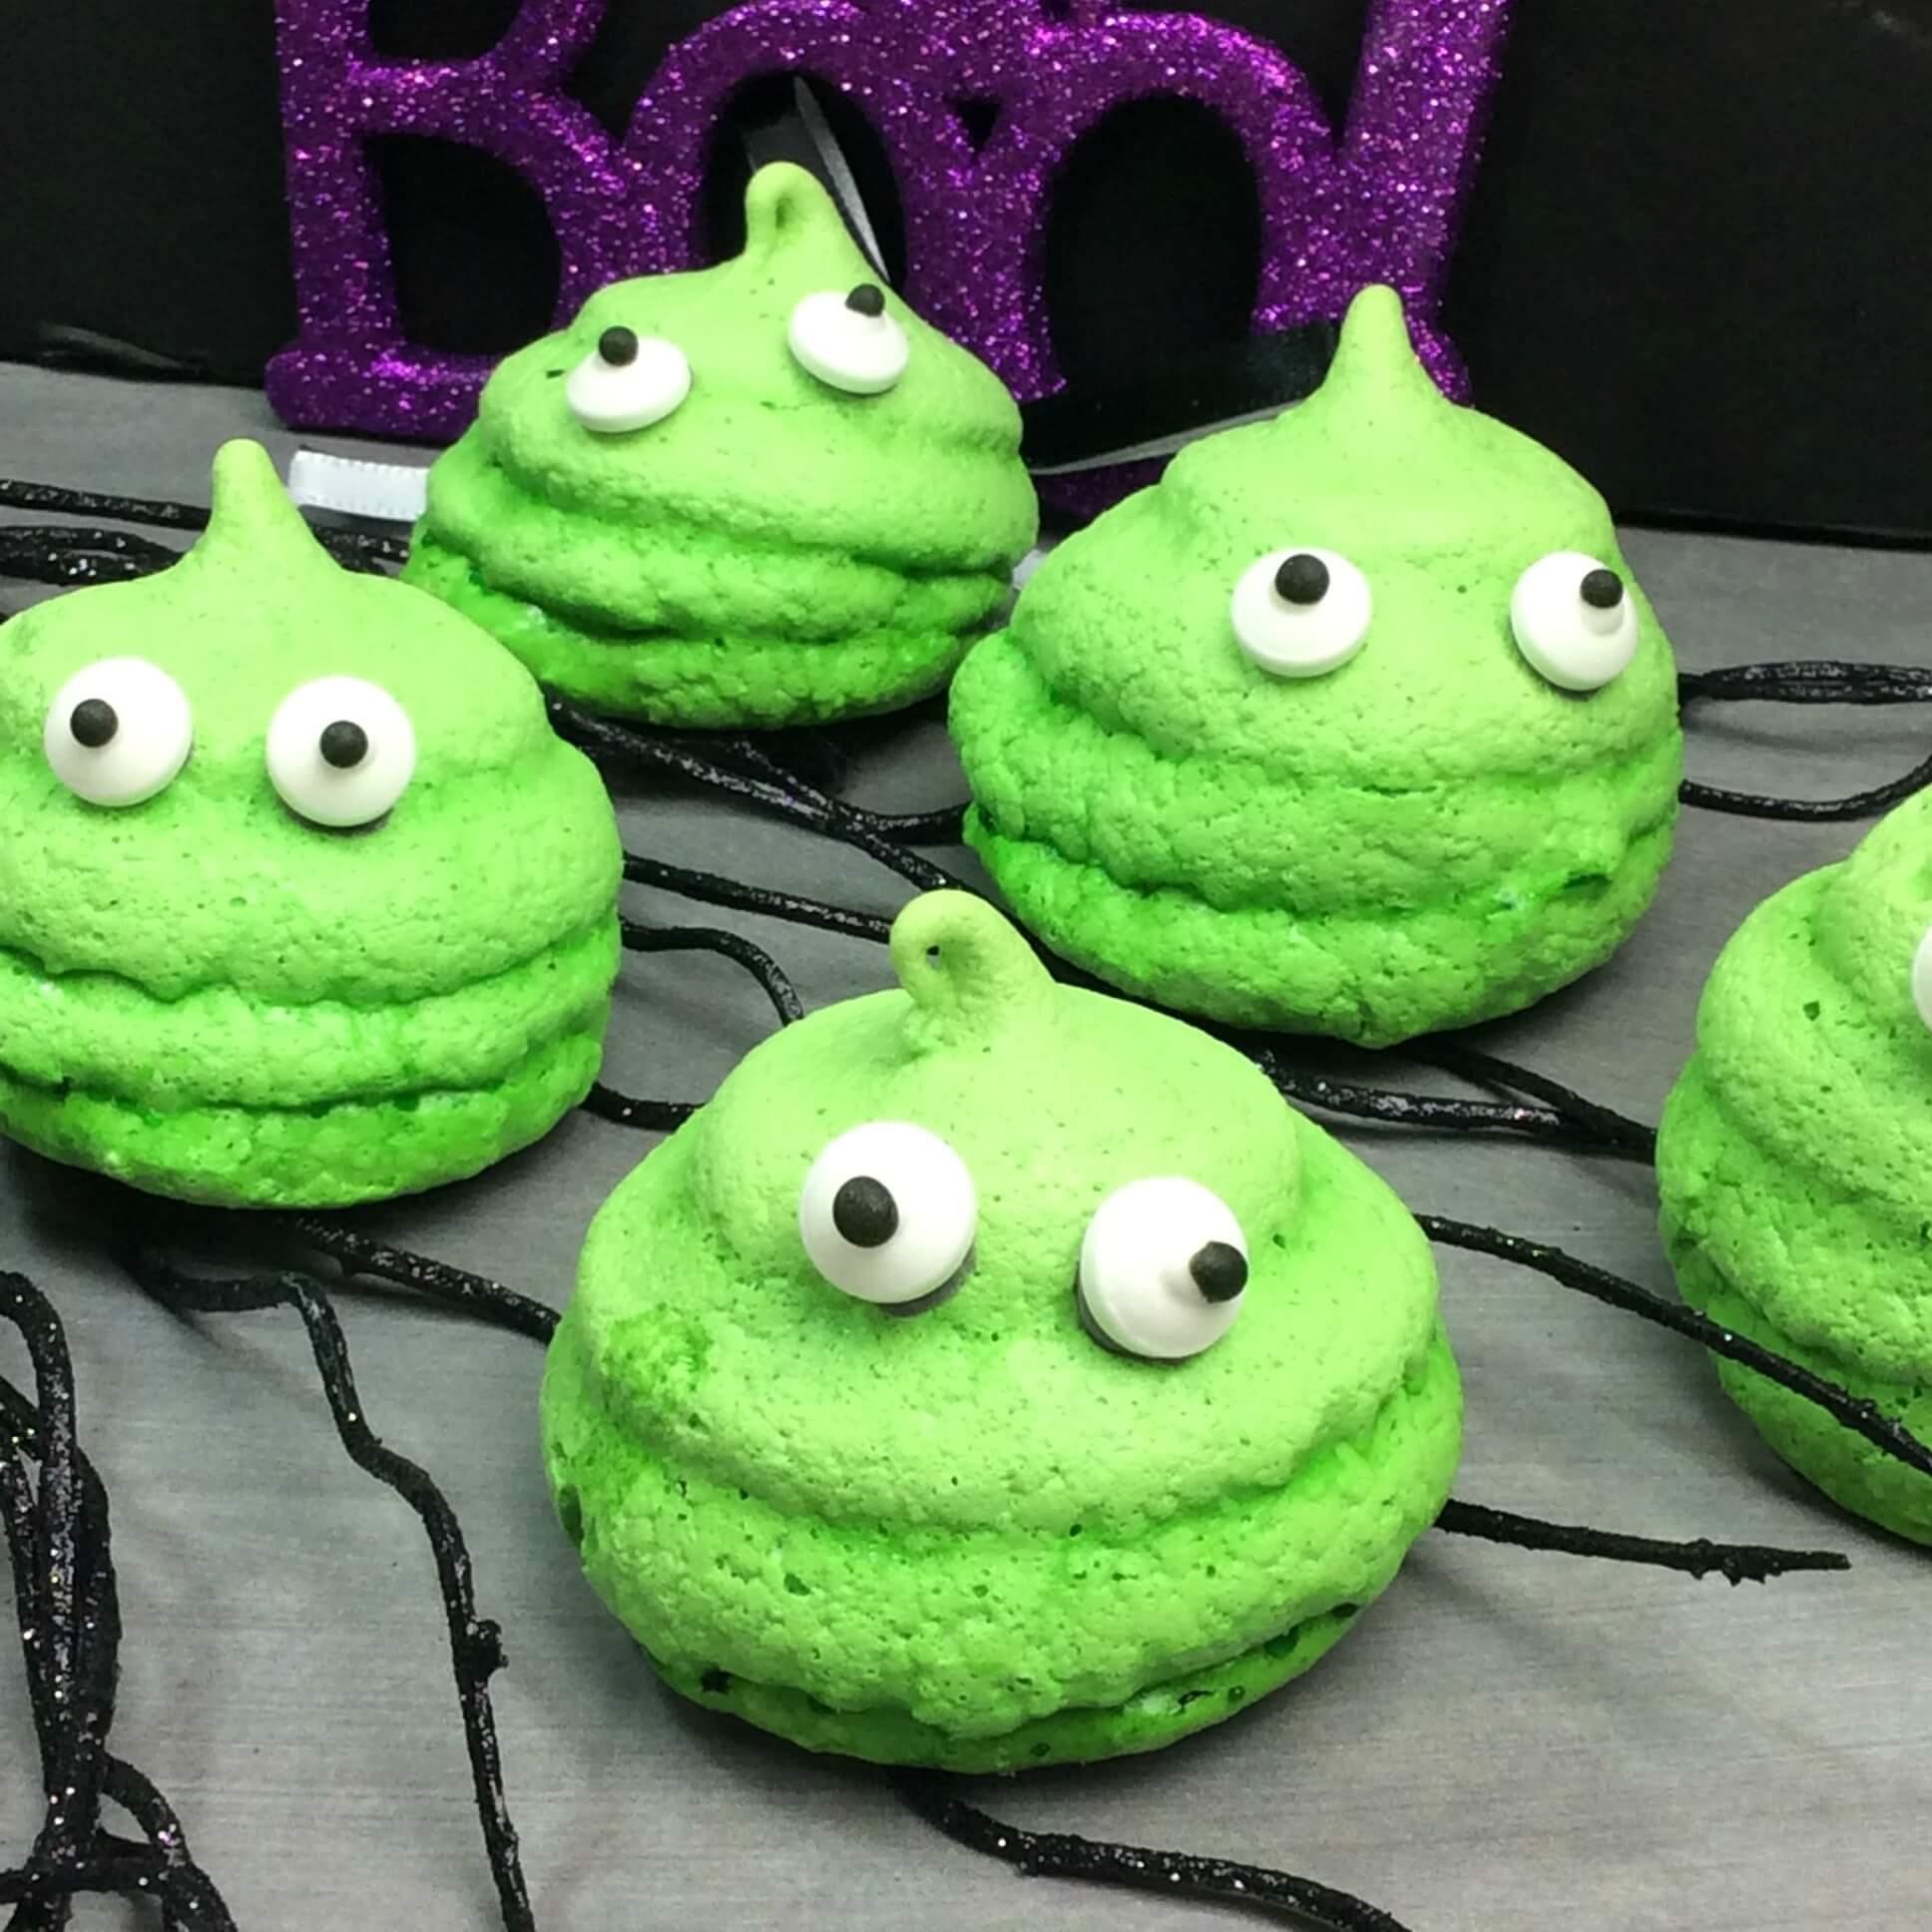 Spooky Slime Cookies